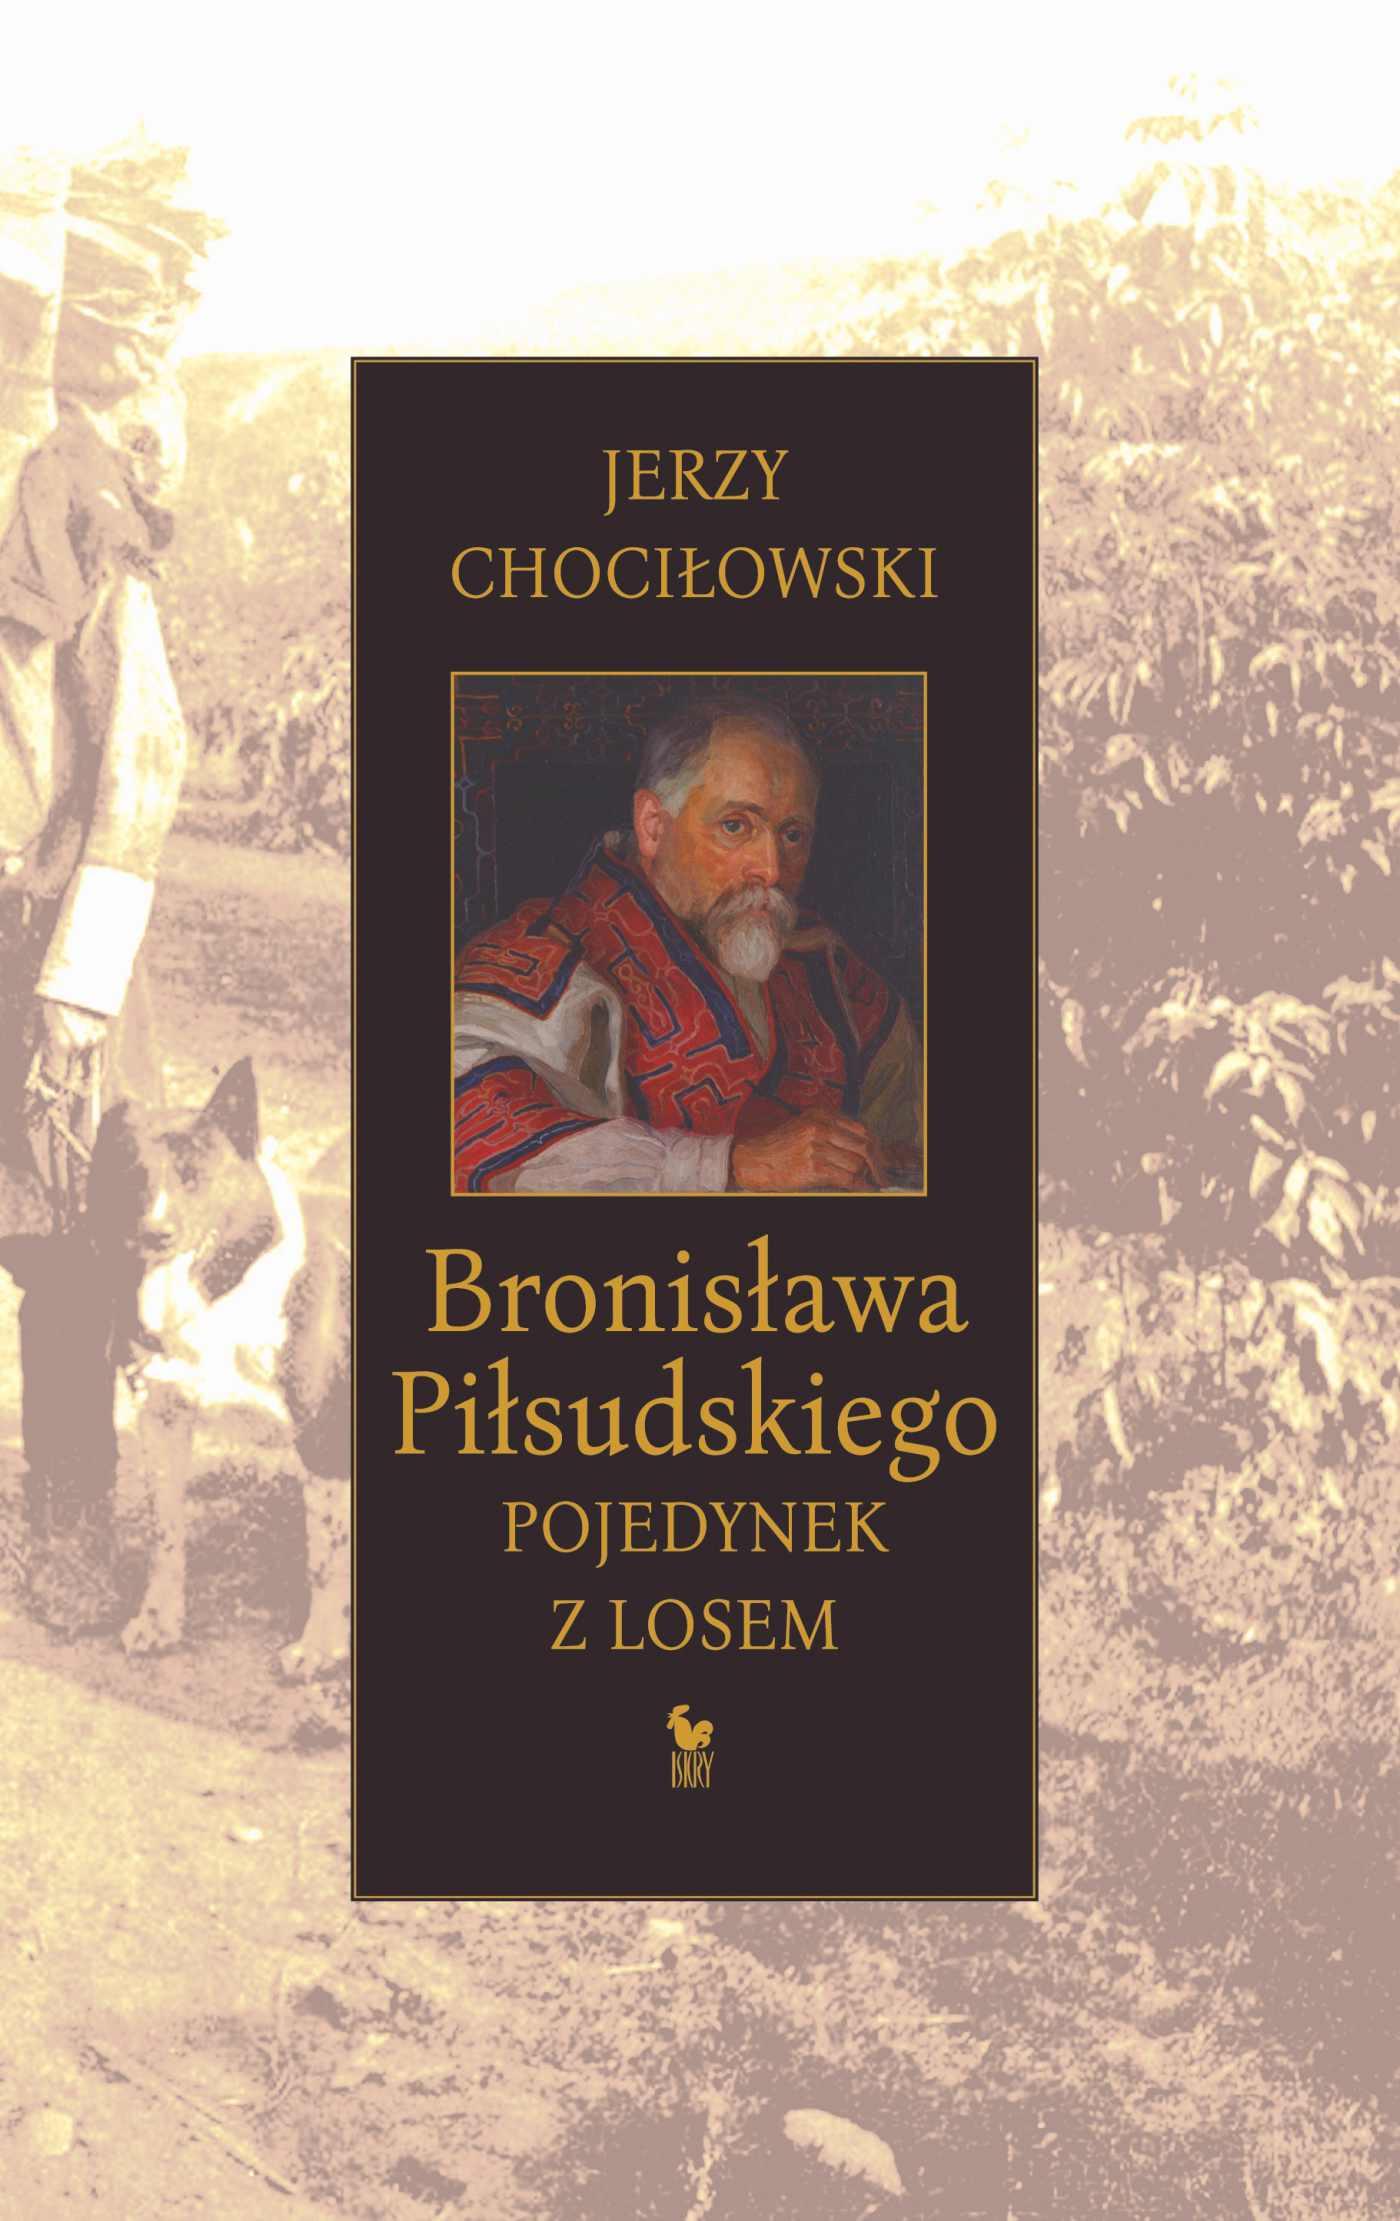 Bronisława Piłsudskiego pojedynek z losem - Ebook (Książka EPUB) do pobrania w formacie EPUB